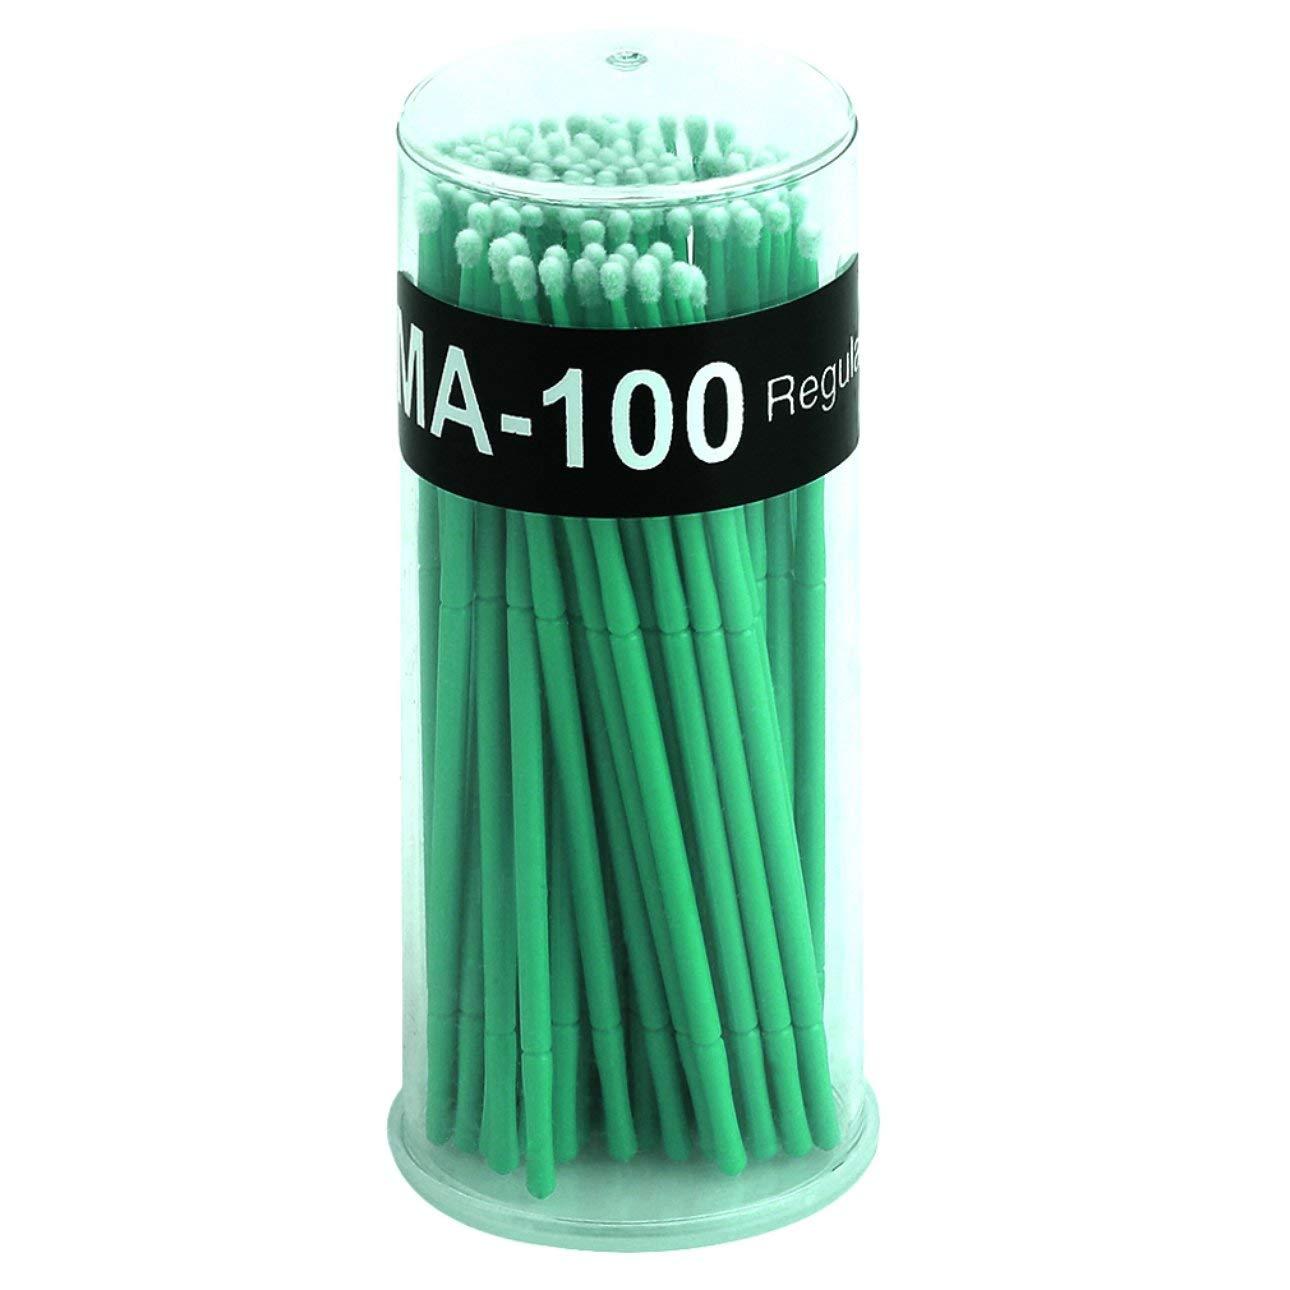 Liobaba 100pcs/set Professional Eyelashes Makeup Use Plastic Disposable Eyelash Cleaning Stick Cleaning Brush Stick